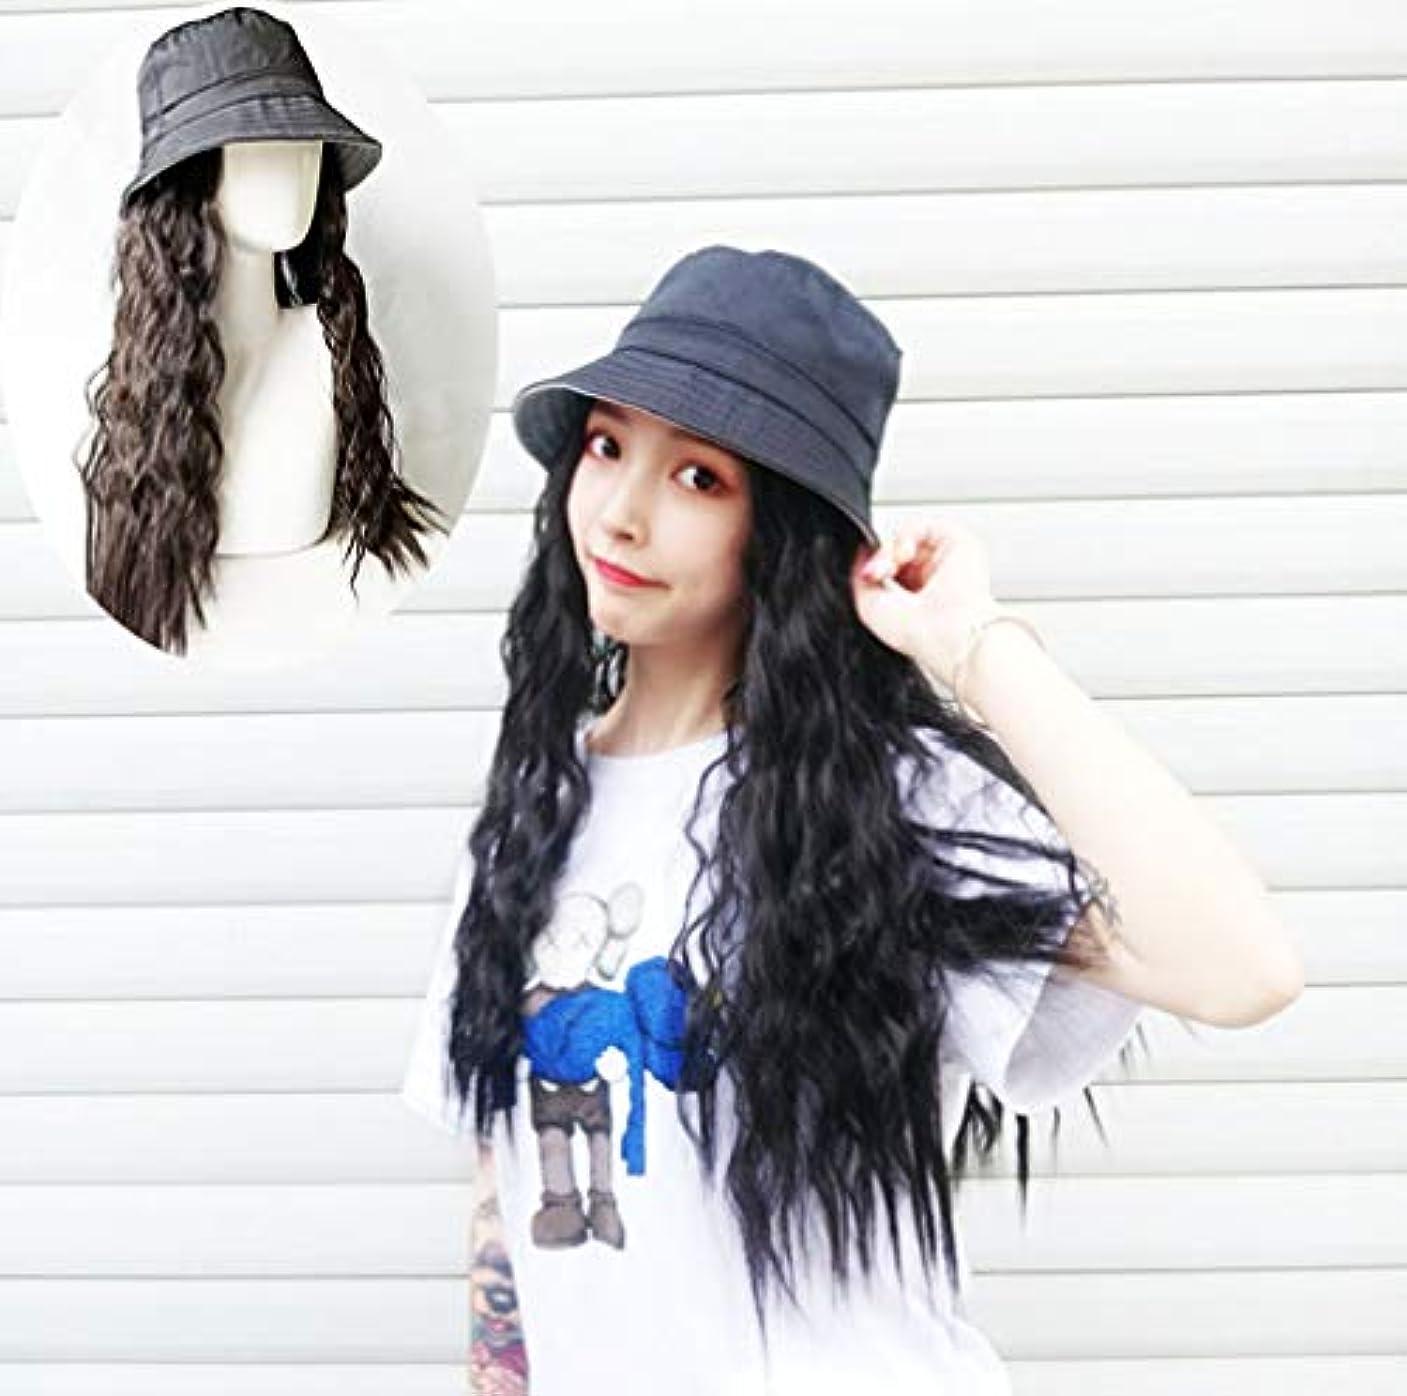 満足させる咲く遺跡長いウェーブのかかった髪の拡張子を持つ女性野球キャップ毎日のパーティーの使用のための黒い帽子が付いた自然な人工毛65cm